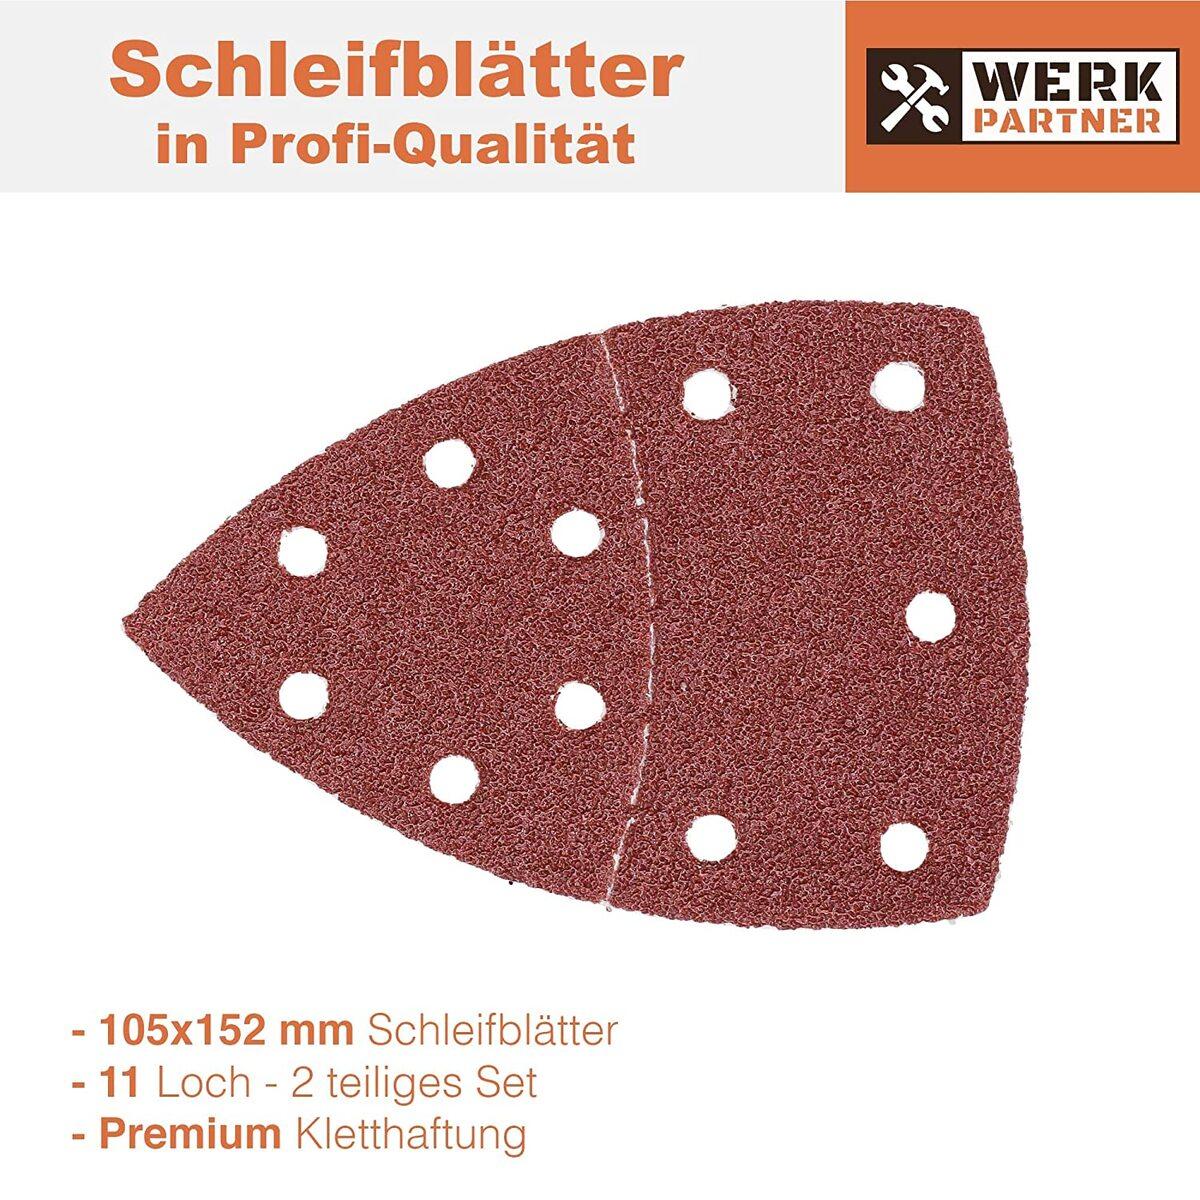 Bild 2 von Werk-Partner Dreieck Schleifscheiben 105x152mm - 60er Set Deltaschleifer Schleifpapier Klett für Holz, Kunststoff, Gips - je 10 x Körnung 40/60/80/120/180/240 für Deltaschleifer & Multischleifer